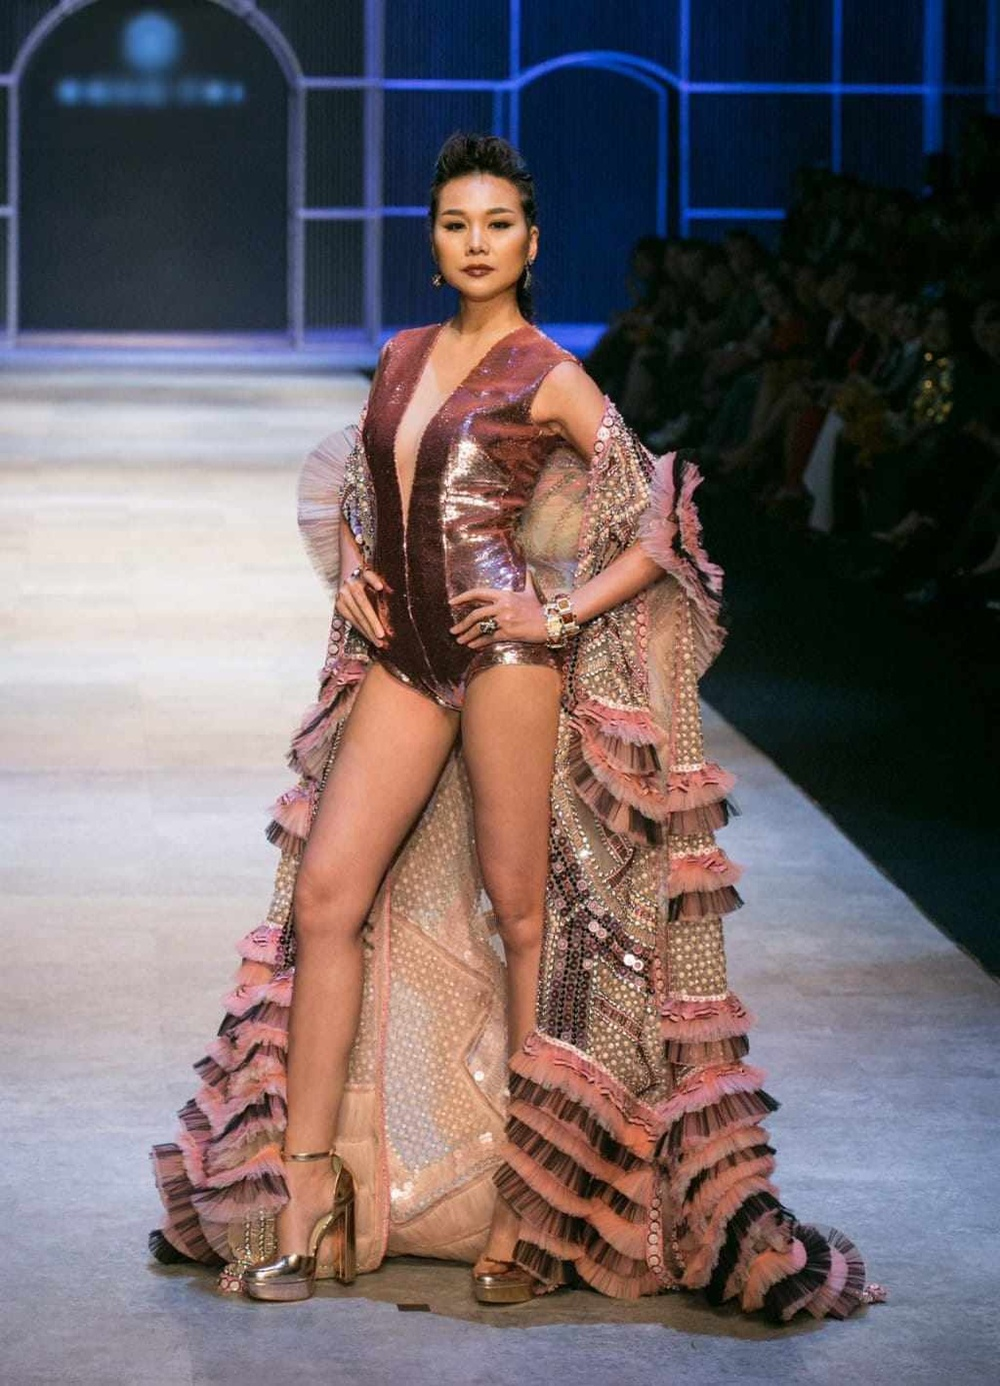 Lý giải xu hướng người mẫu thi hoa hậu từ thành công của Lan Khuê - Minh Tú - Hoàng Thùy - H'Hen Niê Ảnh 10